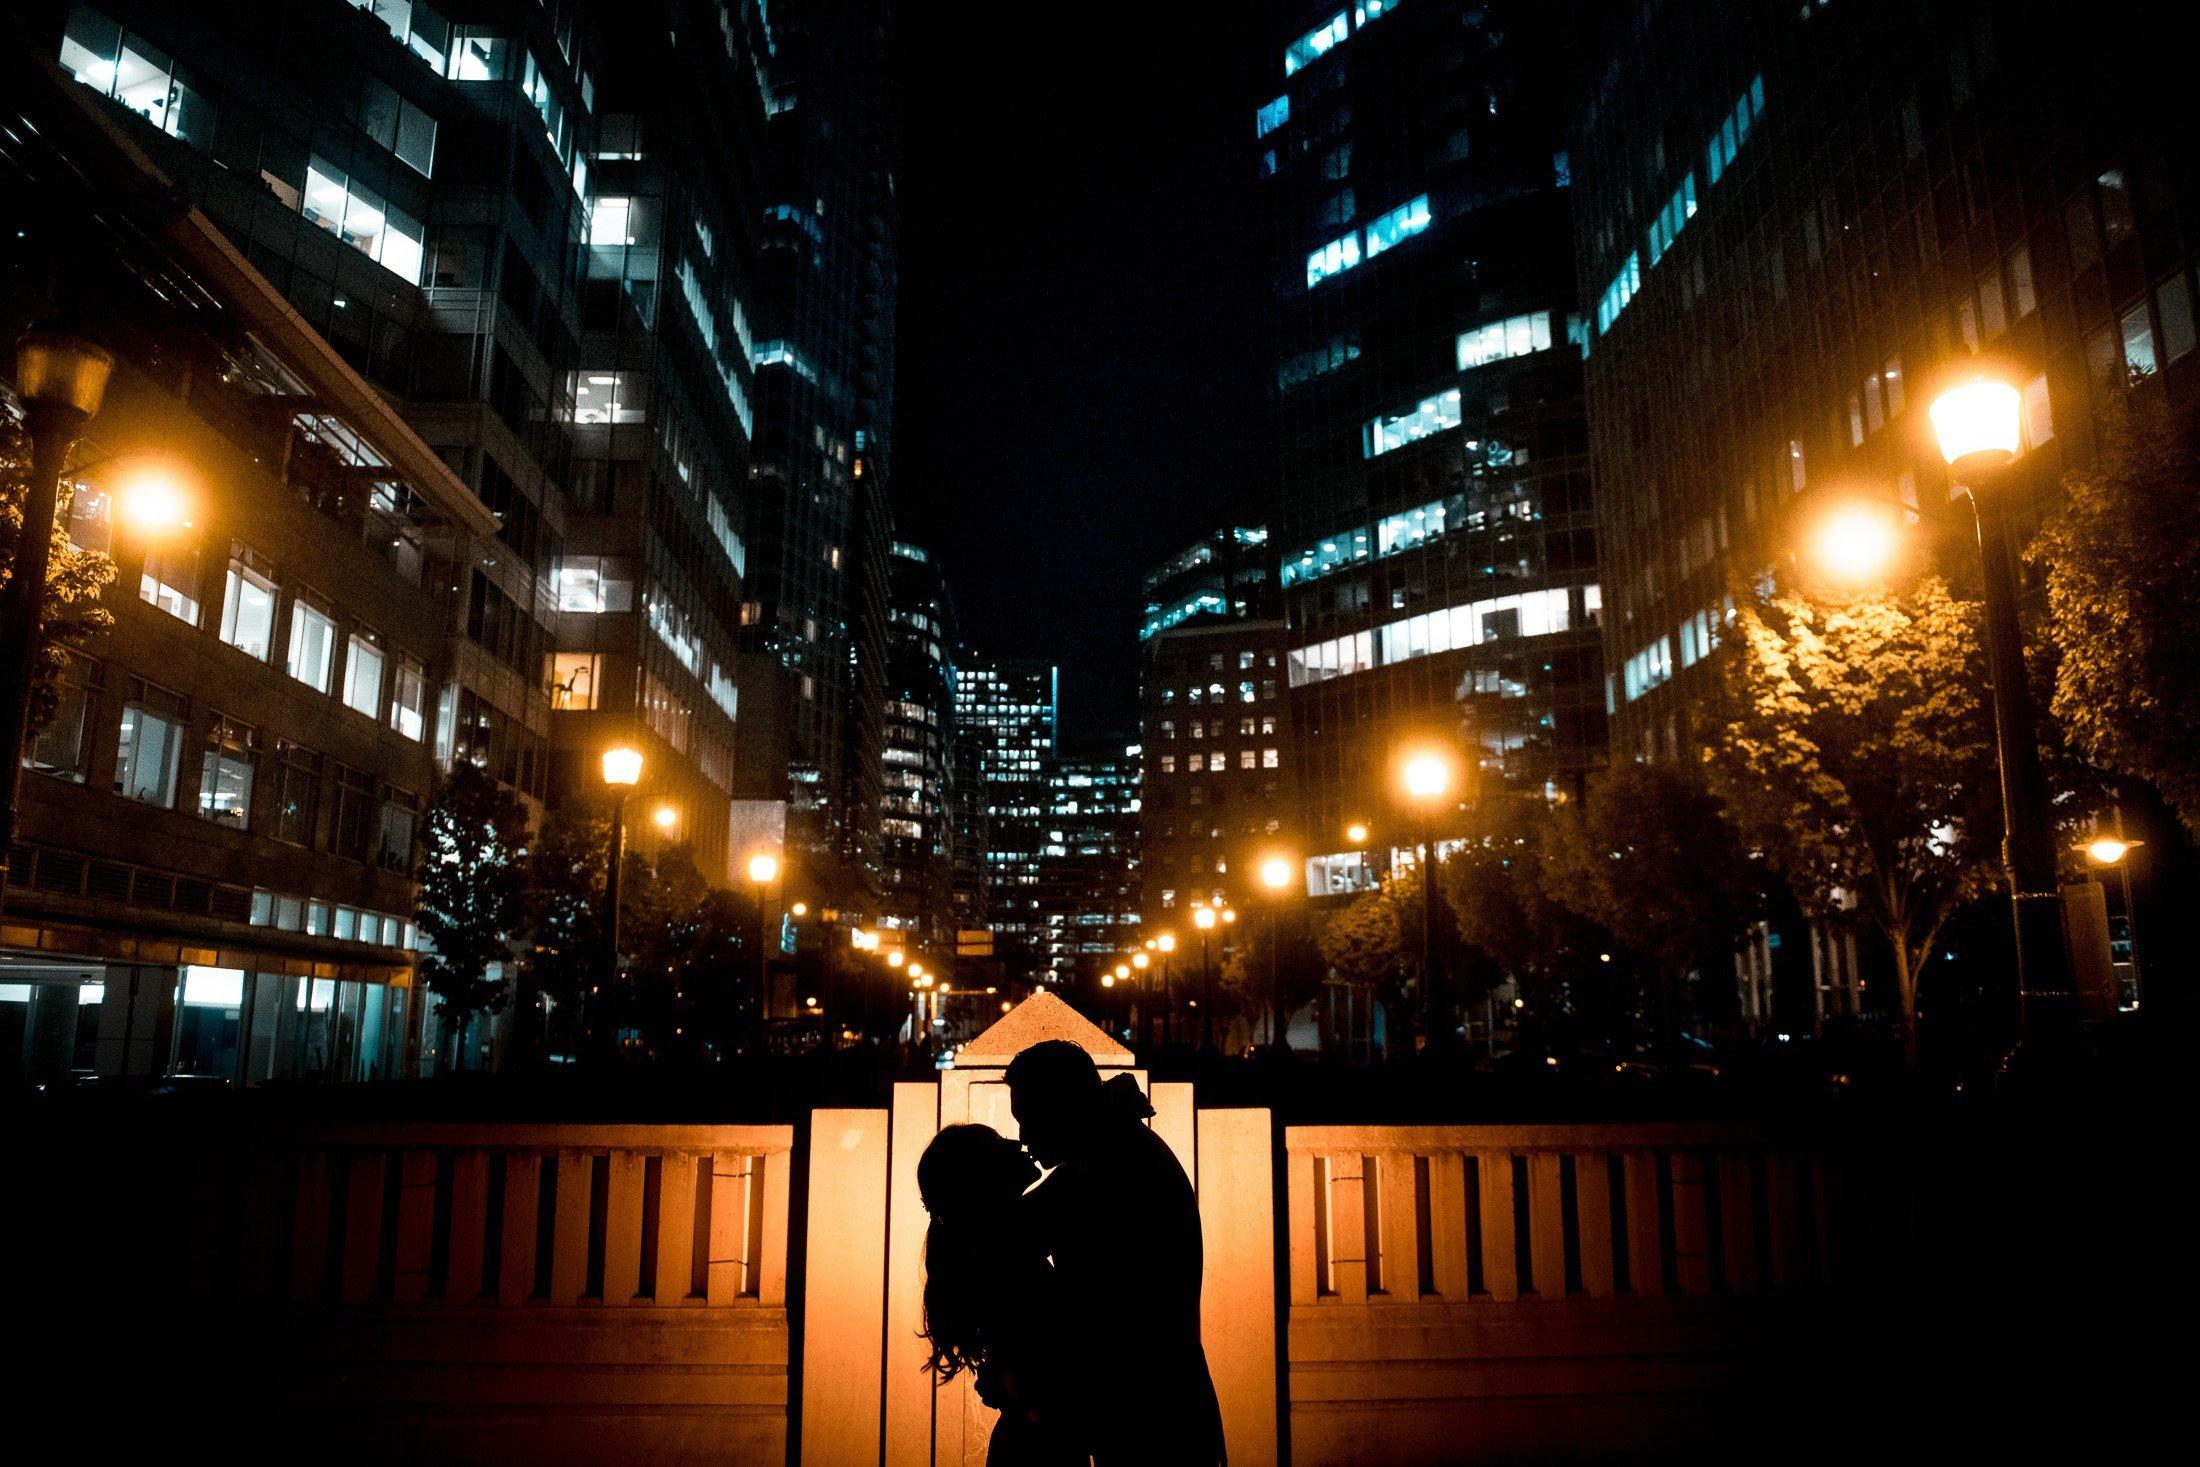 037 - city night photos vancouver